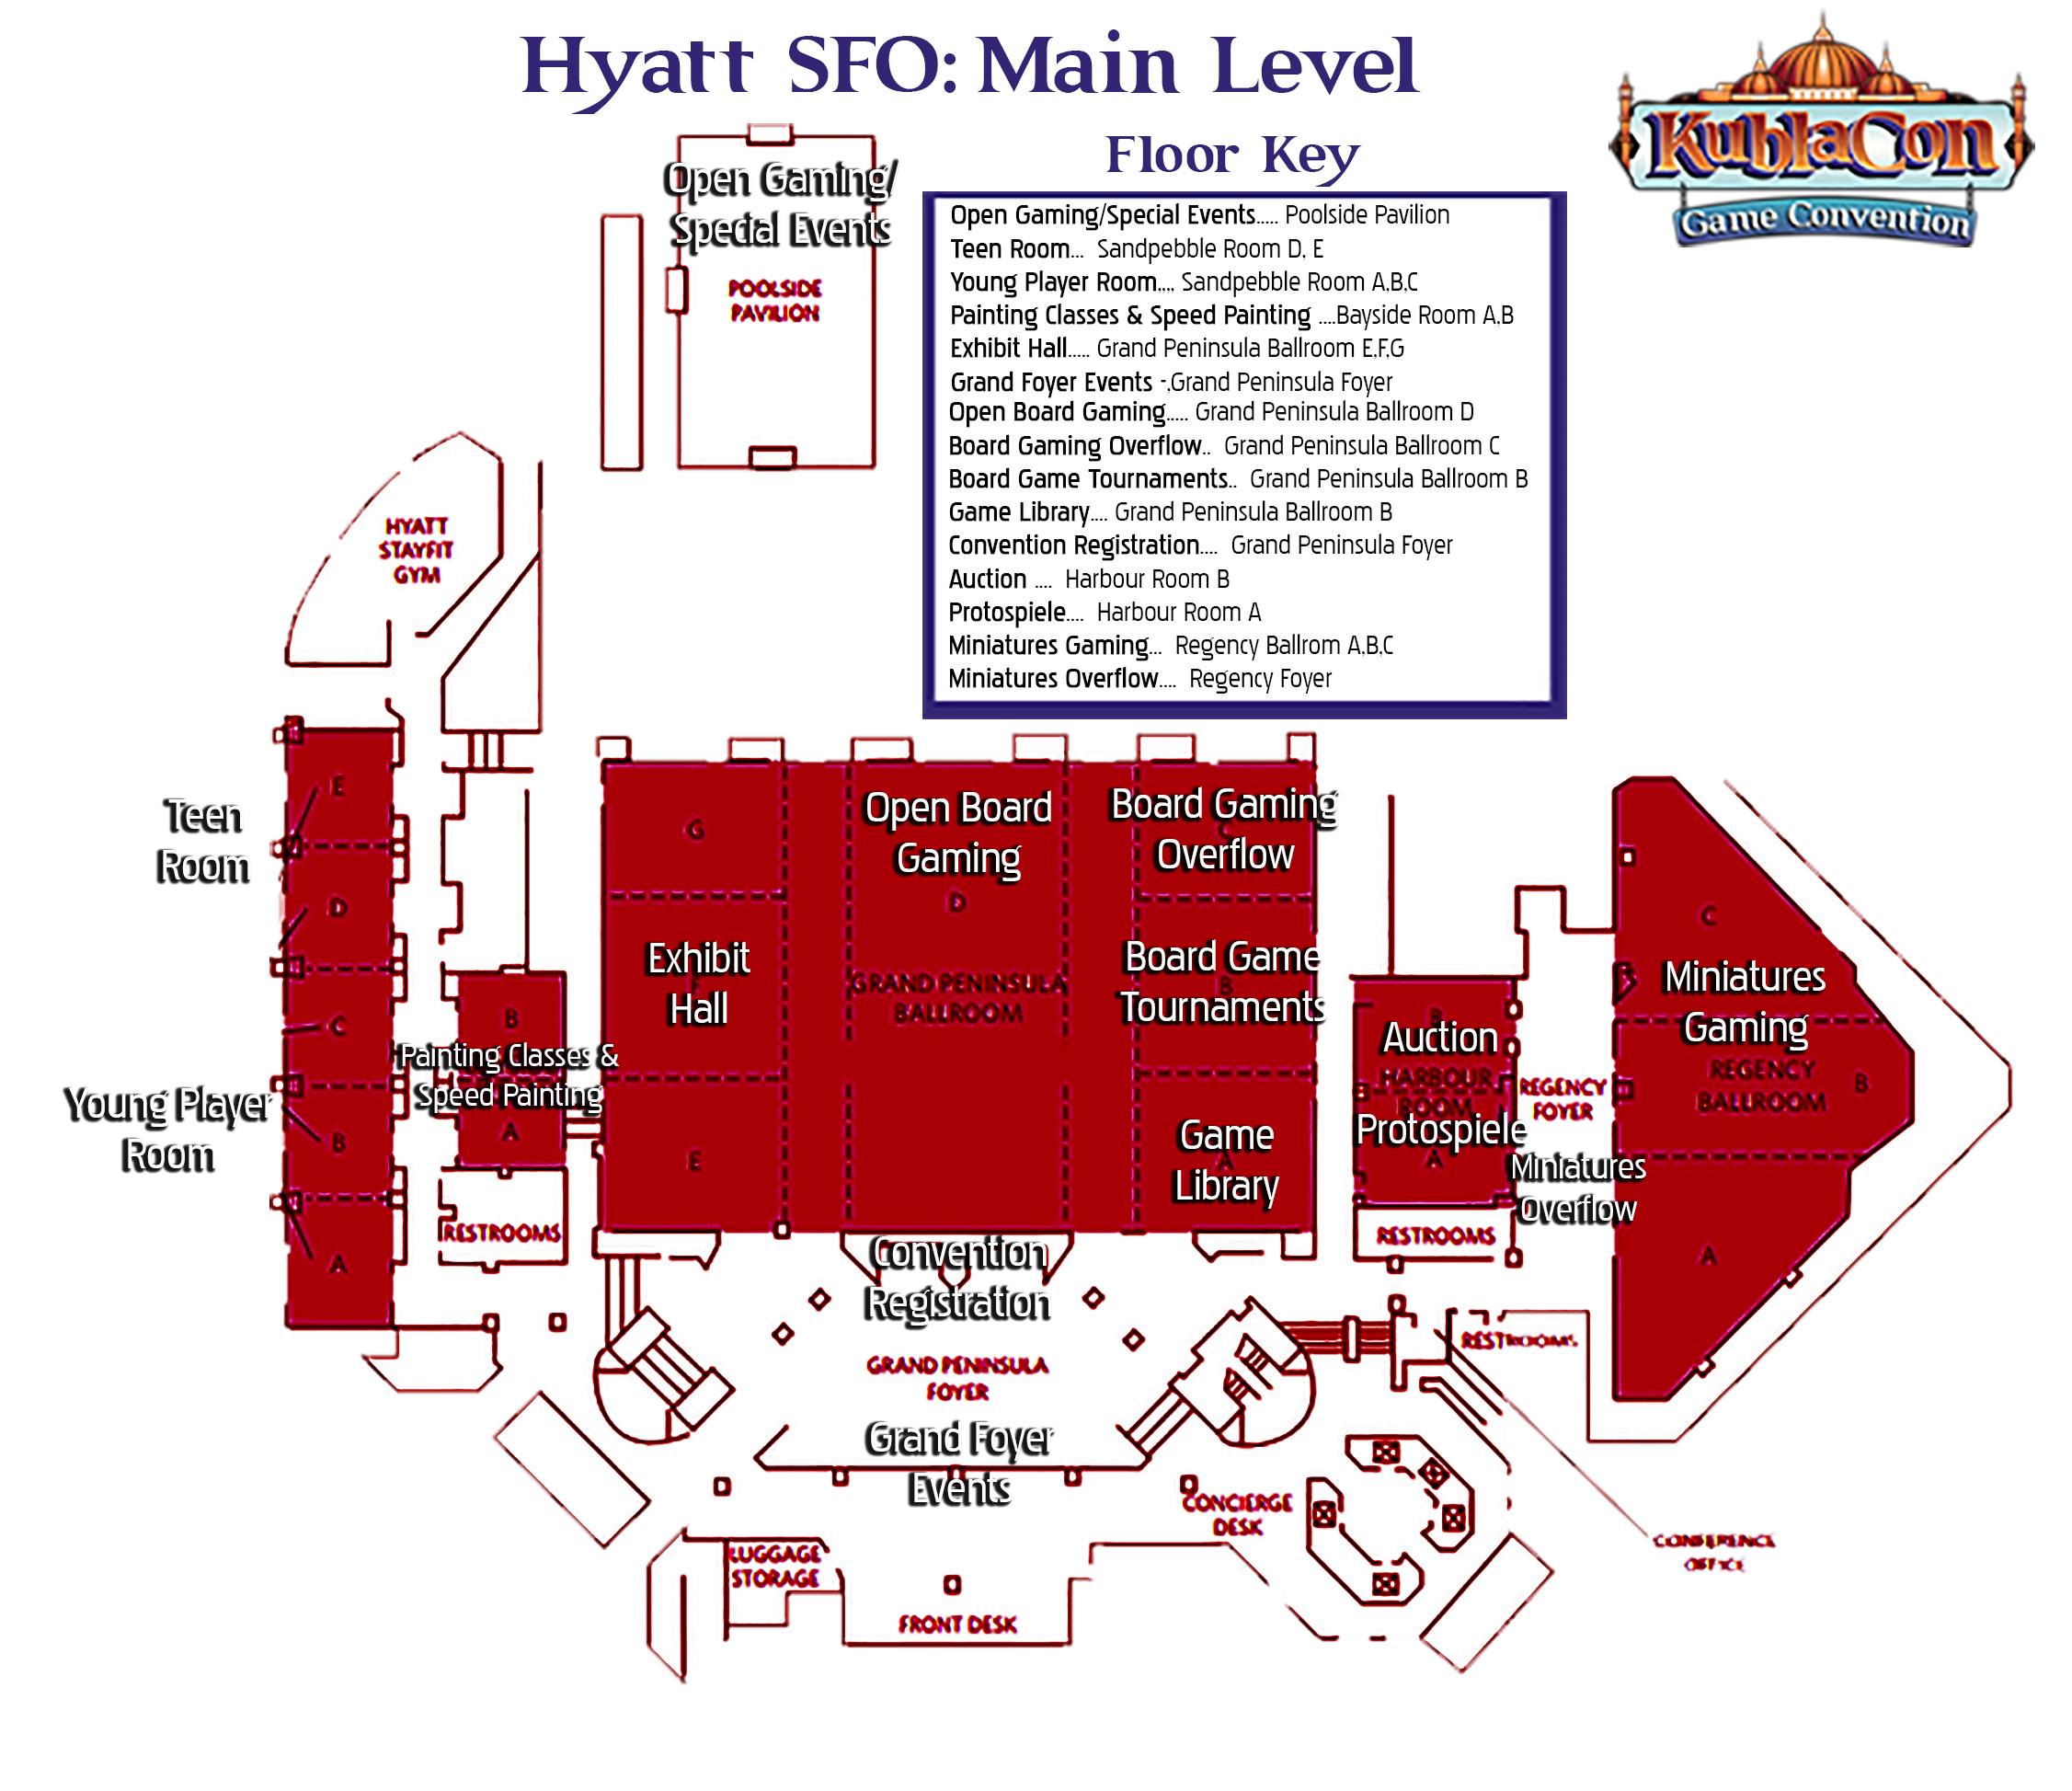 Hyatt SFO MainLevel